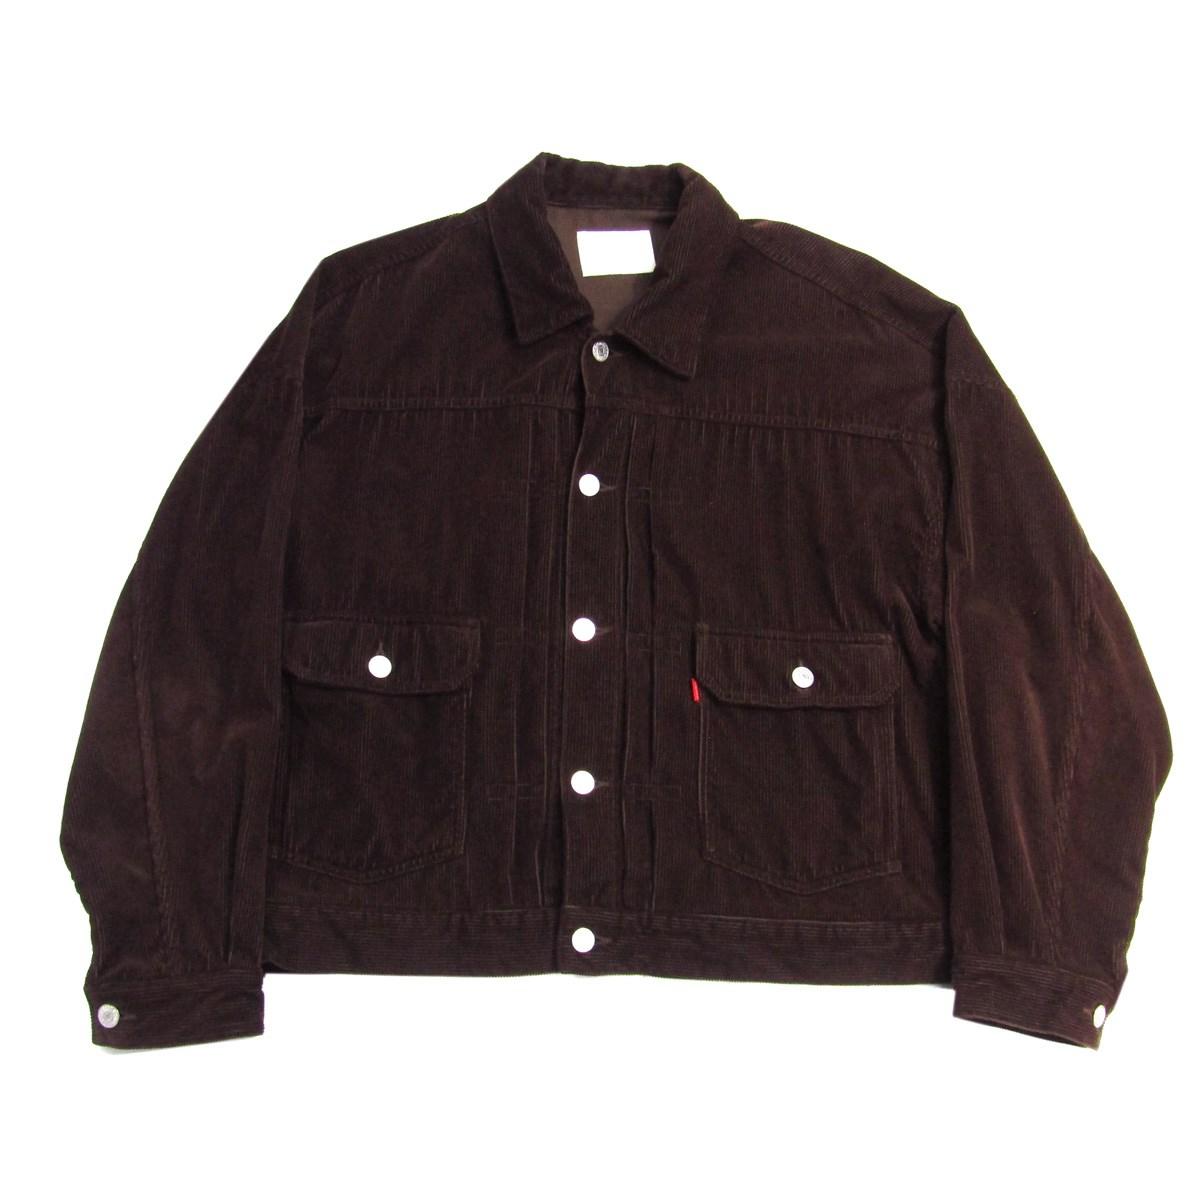 【中古】NEON SIGN 2016AW hipster jacket コーデュロイジャケット ブラウン サイズ:2 【290820】(ネオン サイン)